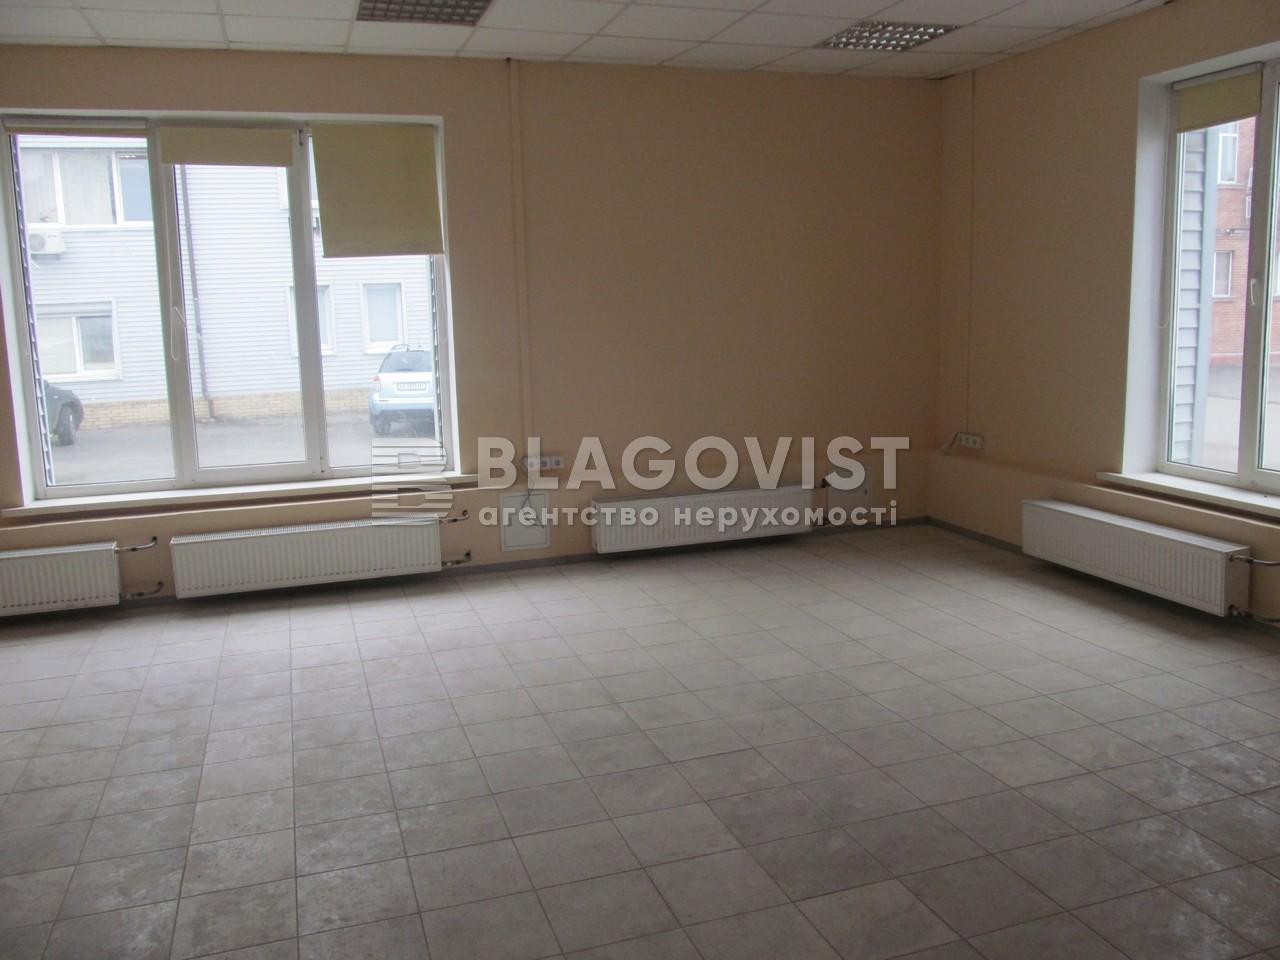 Нежилое помещение, F-41597, Малевича Казимира (Боженко), Киев - Фото 9